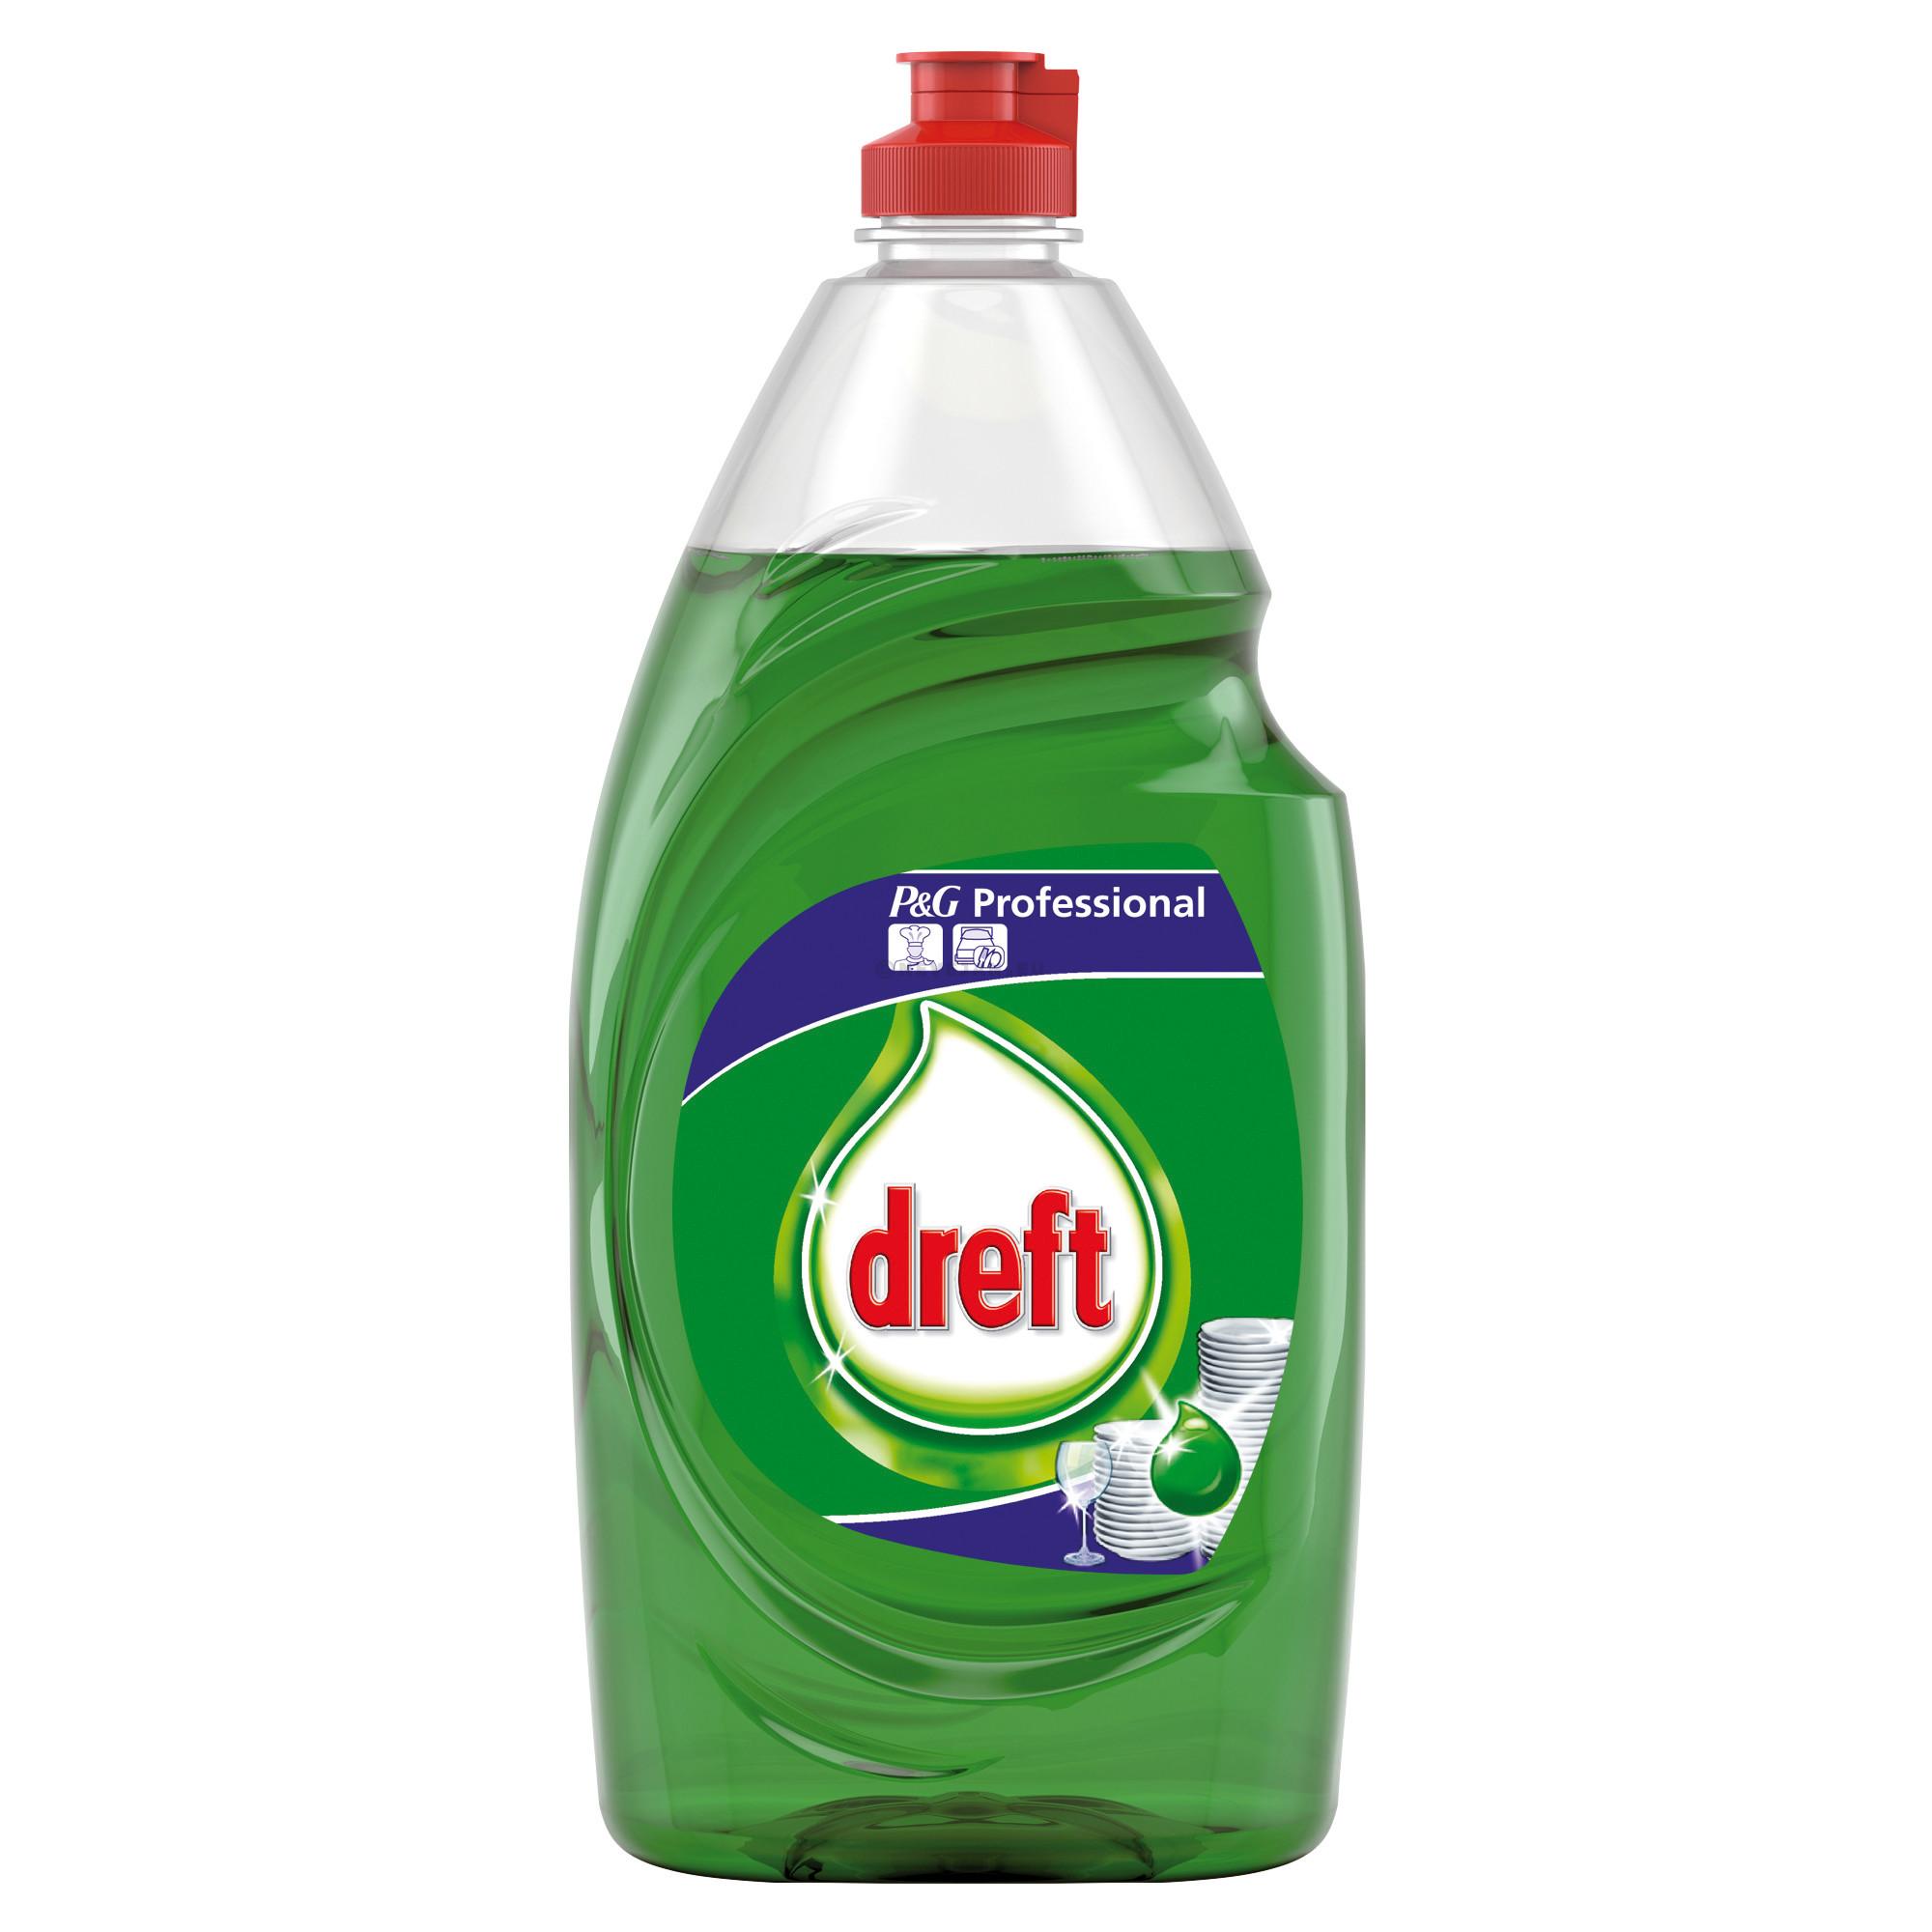 Dreft detergent vaisselle manuelle 1L P&G Professional